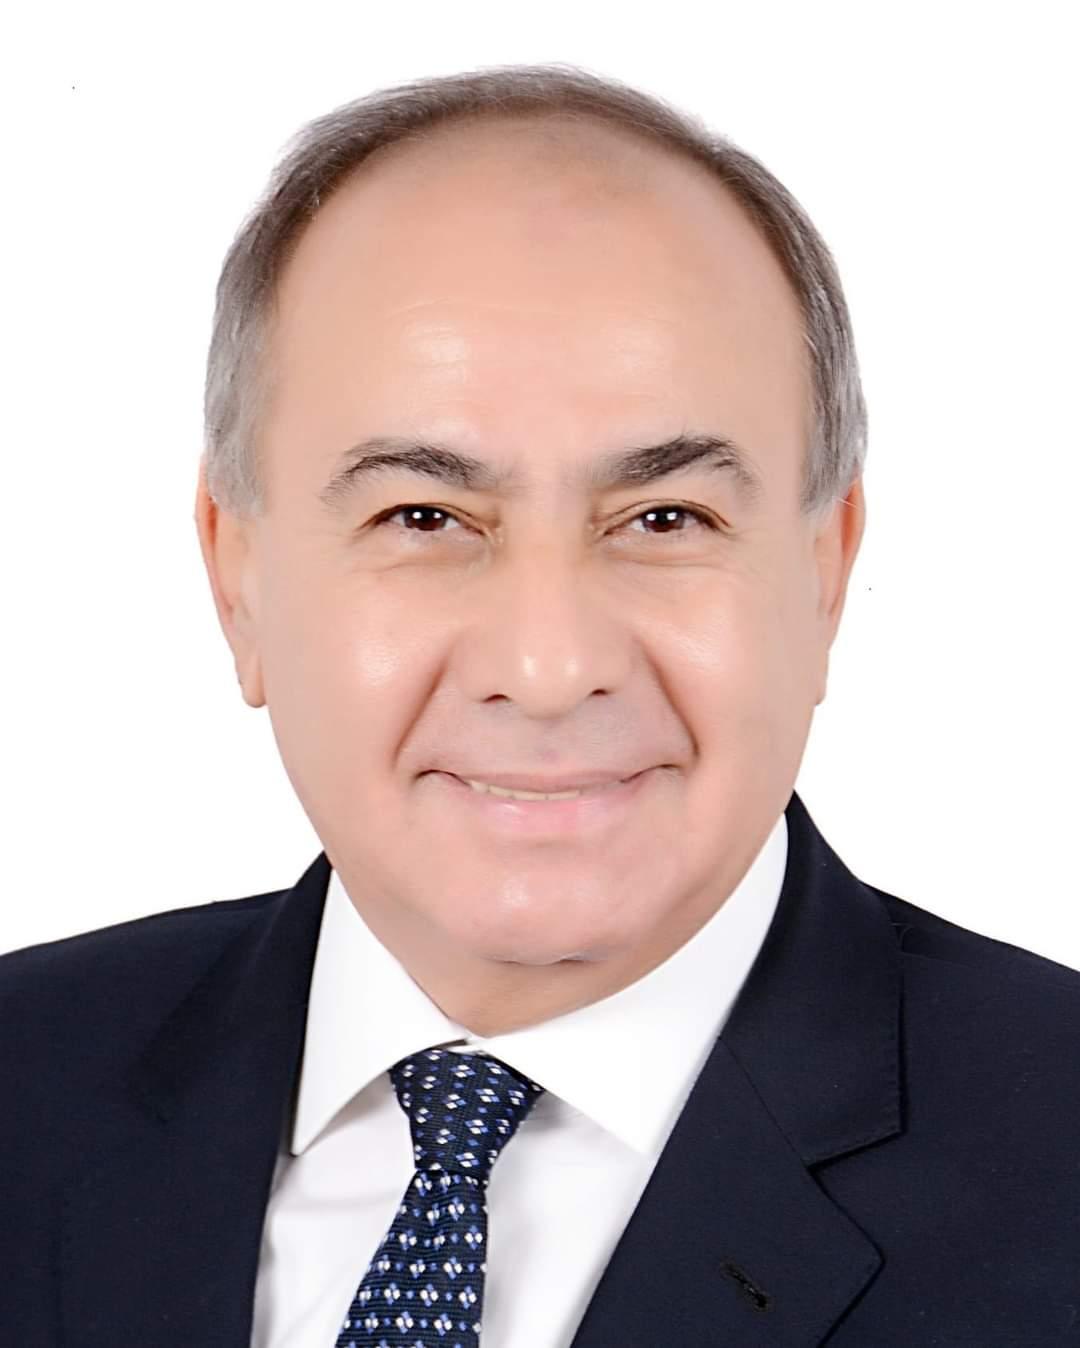 اورنچ تُعزز مجلس إدارتها بإنضمام المهندس/ علاء فهمي كعضو مستقل